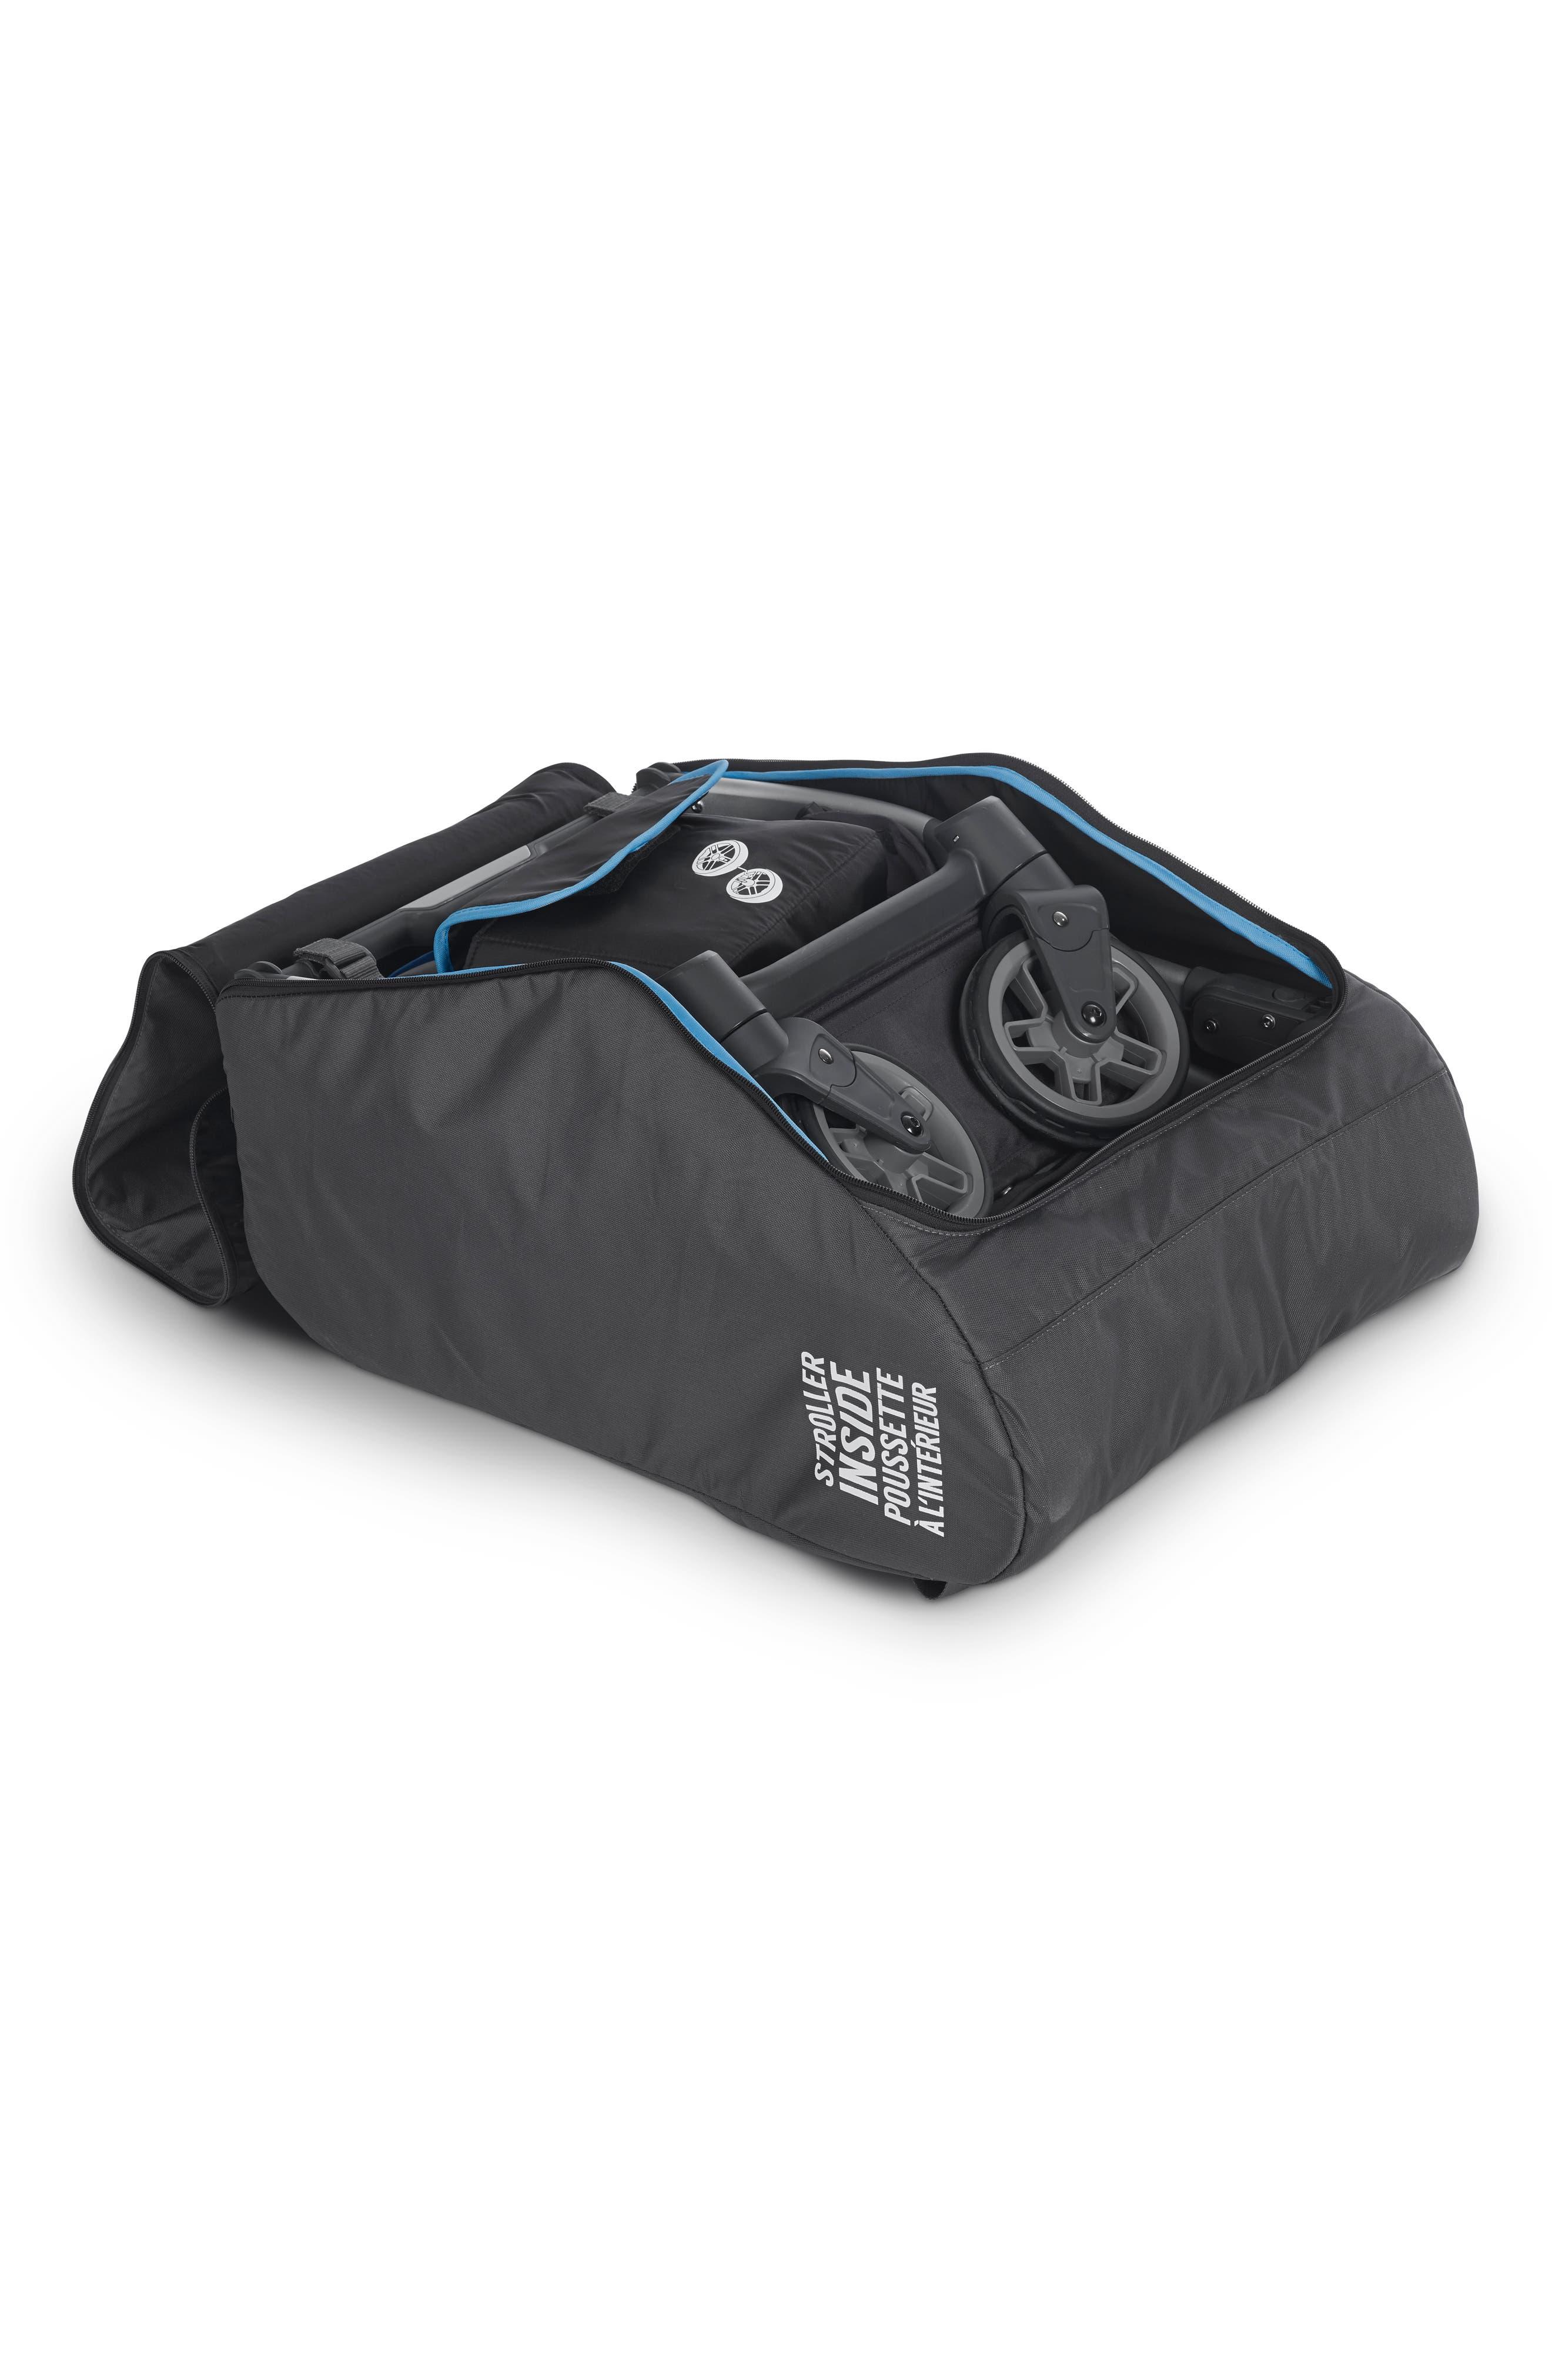 TravelSafe Travel Bag for UPPAbaby Minu Stroller,                             Alternate thumbnail 2, color,                             BLACK